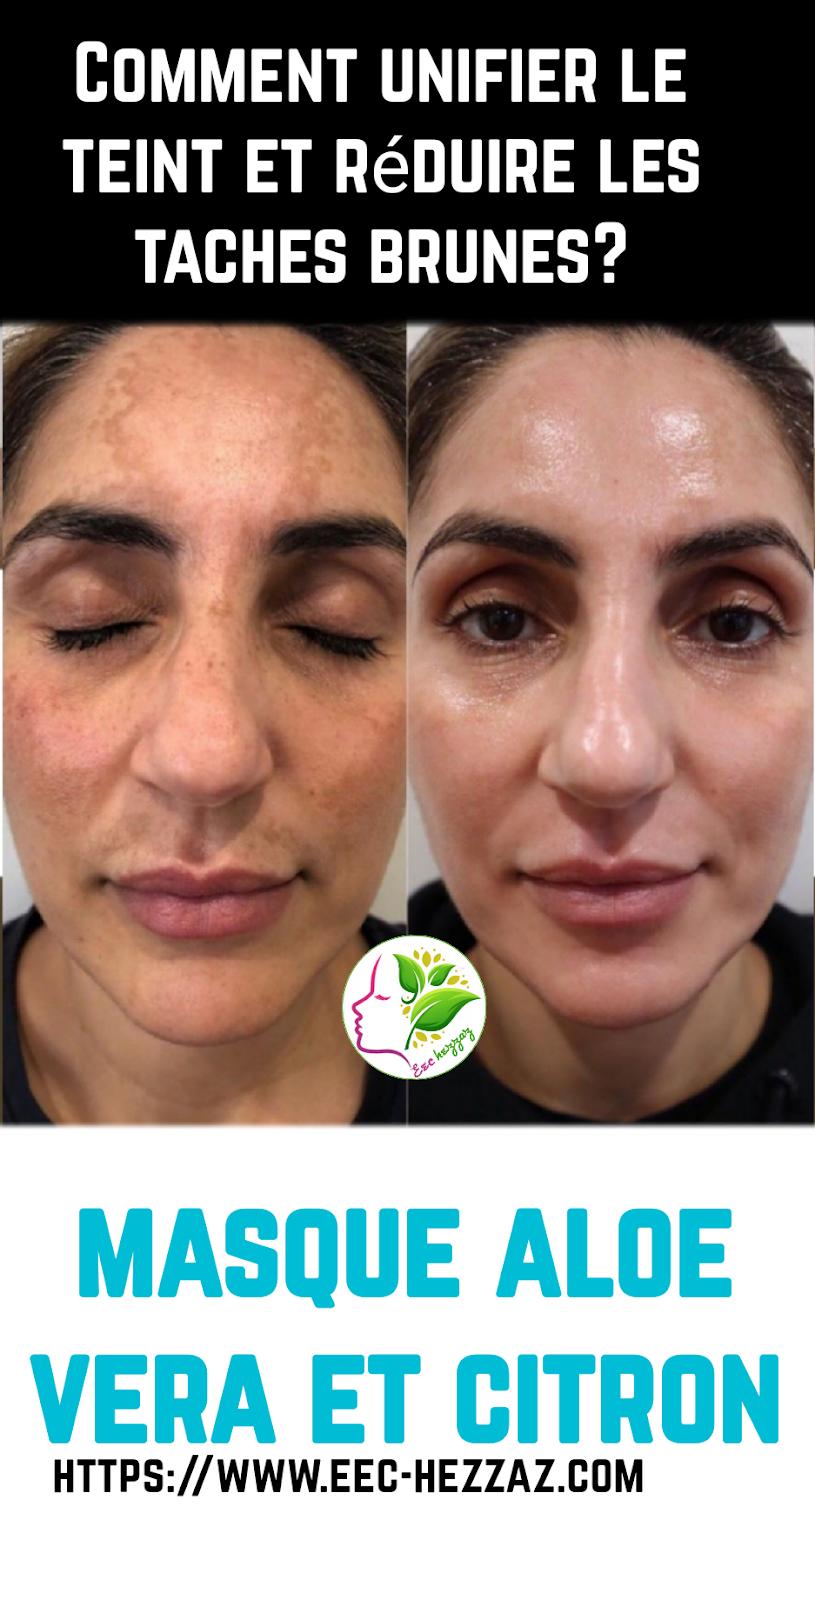 Comment unifier le teint et réduire les taches brunes? masque aloe vera et citron